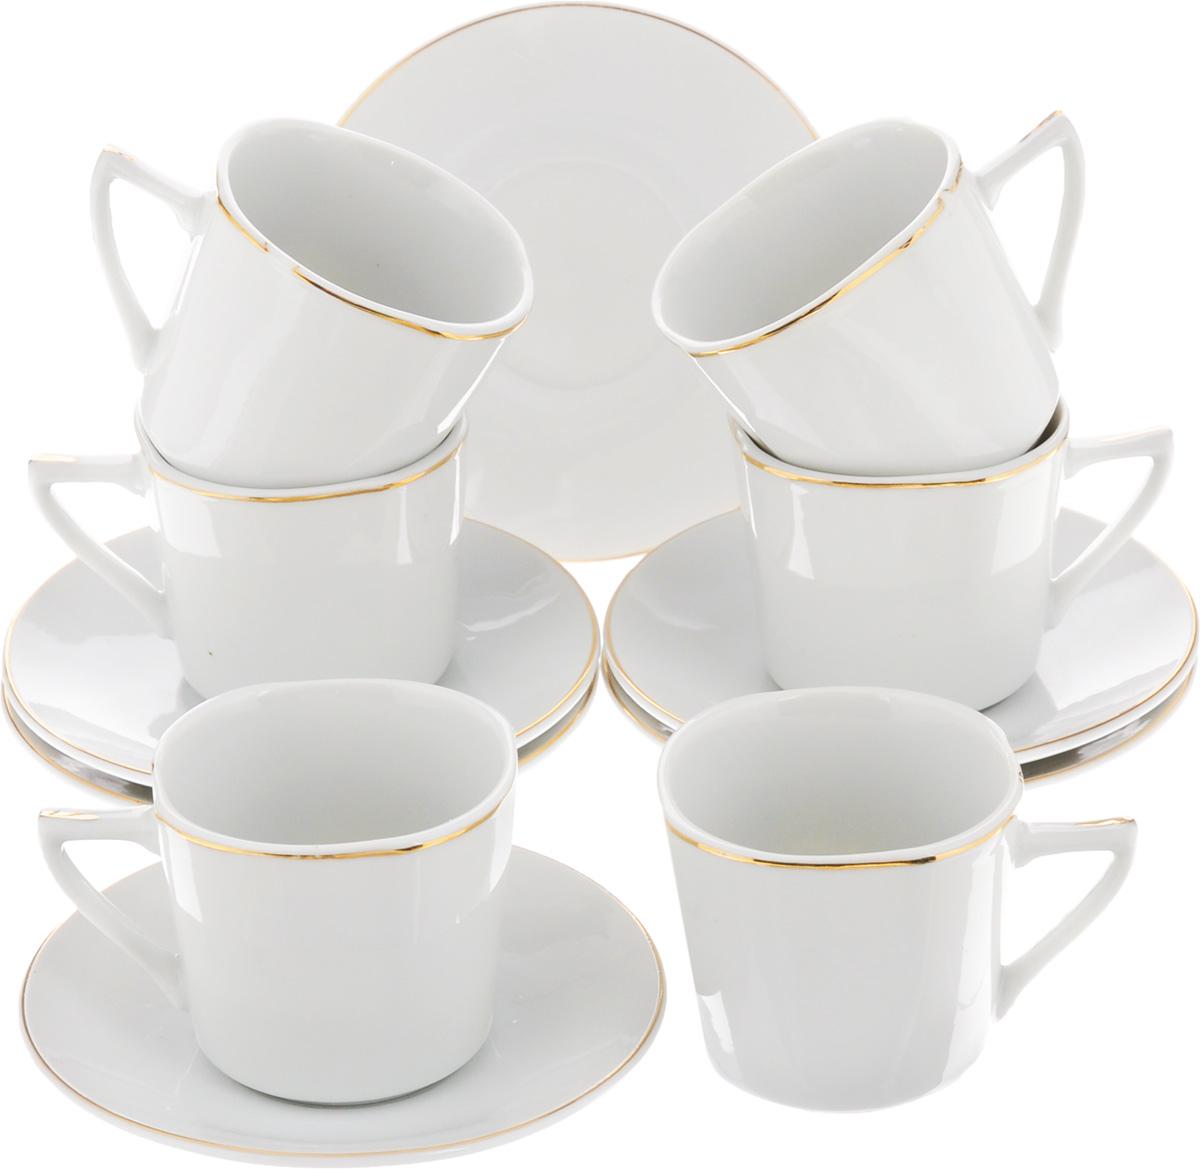 Набор кофейный Loraine, 12 предметов. 25608VT-1520(SR)Кофейный набор Loraine состоит из 6 чашек и 6 блюдец. Изделия выполнены из высококачественного фарфора и оформлены золотистой каймой. Такой набор станет прекрасным украшением стола и порадует гостей изысканным дизайном и утонченностью. Набор упакован в подарочную коробку, задрапированную внутри белой атласной тканью. Объем чашки: 90 мл. Диаметр чашки (по верхнему краю): 6 см. Высота чашки: 5,5 см. Диаметр блюдца (по верхнему краю): 10,5 см. Высота блюдца: 2 см.